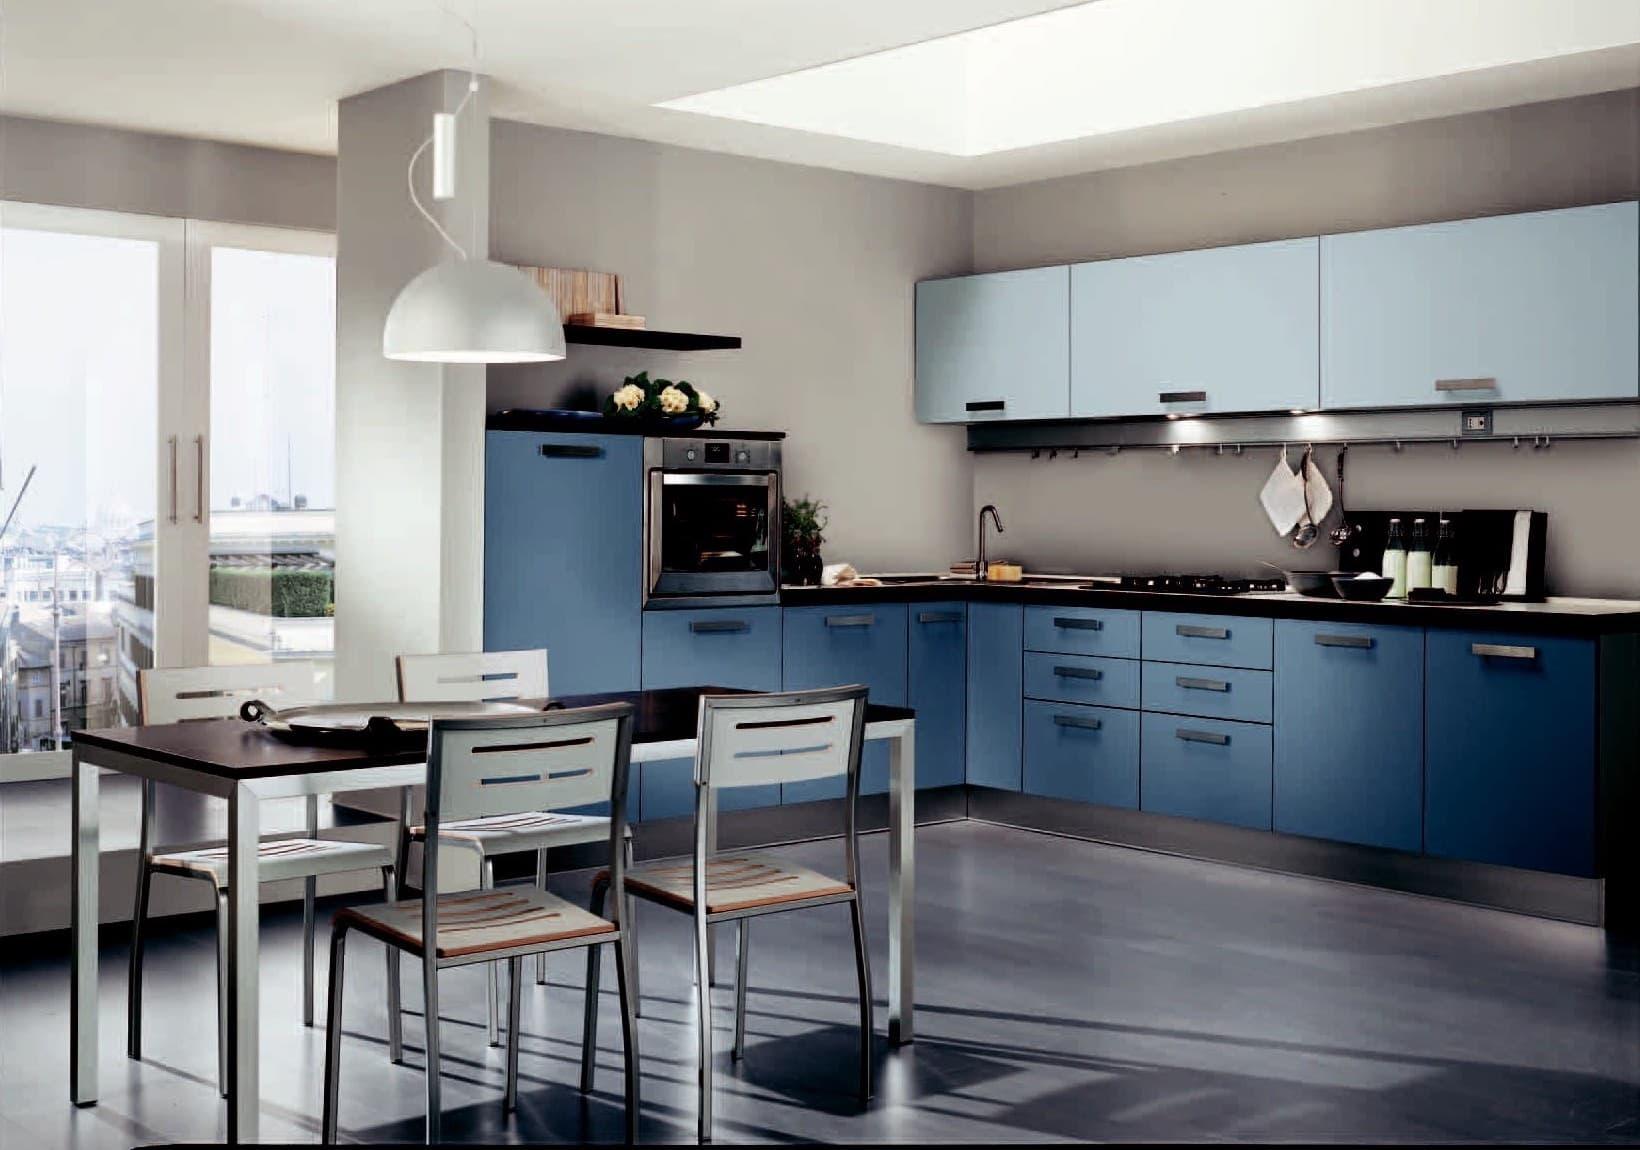 Роскошный просторный интерьер кухни выдержанный в серо-сине-голубых тонах